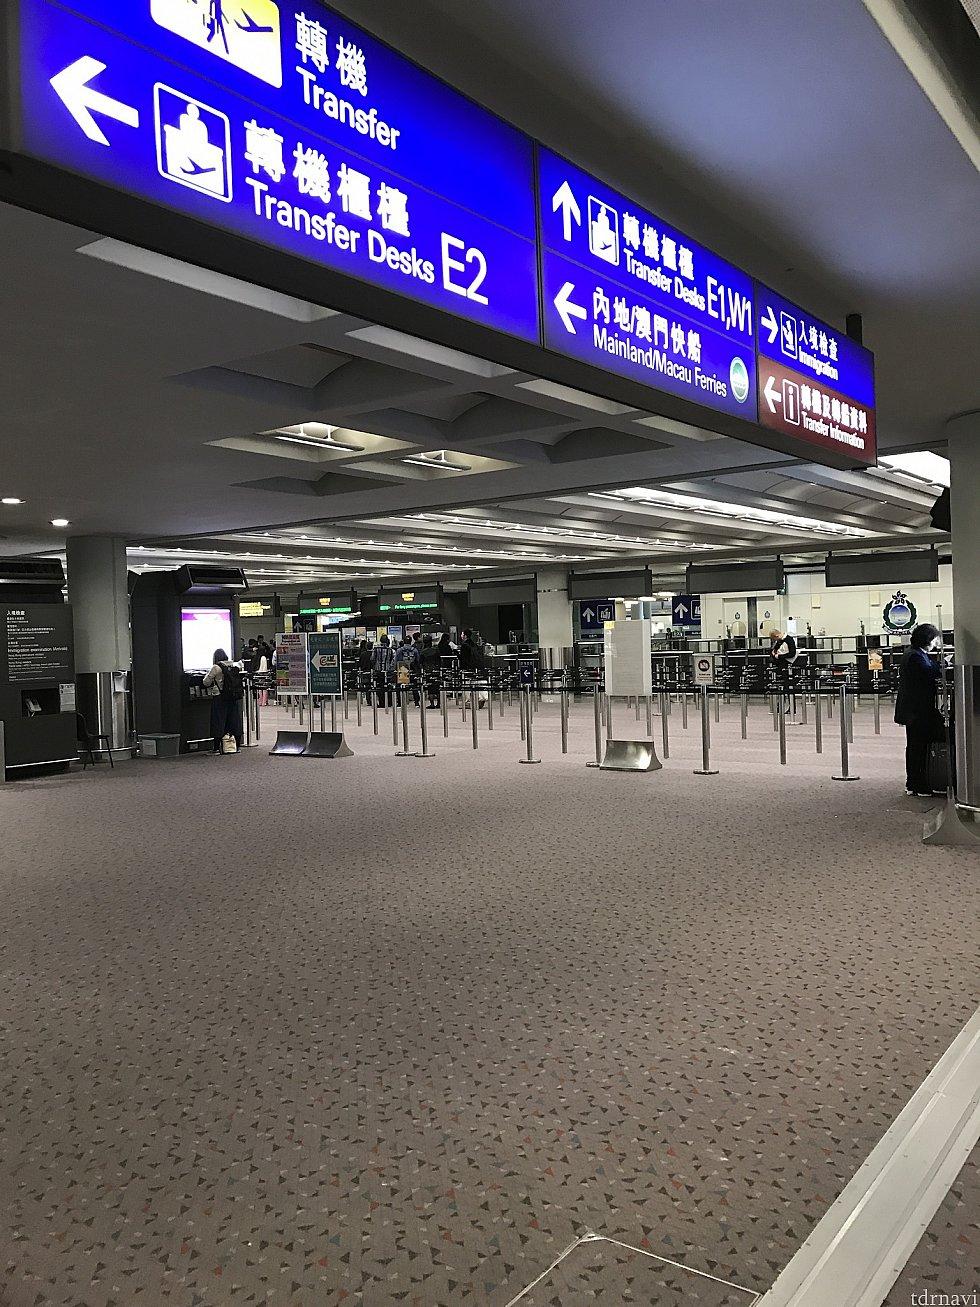 香港の入国審査前です。 (この先は撮影出来ないので) この広場のところに待合用の椅子があったのをご存知でしたか?